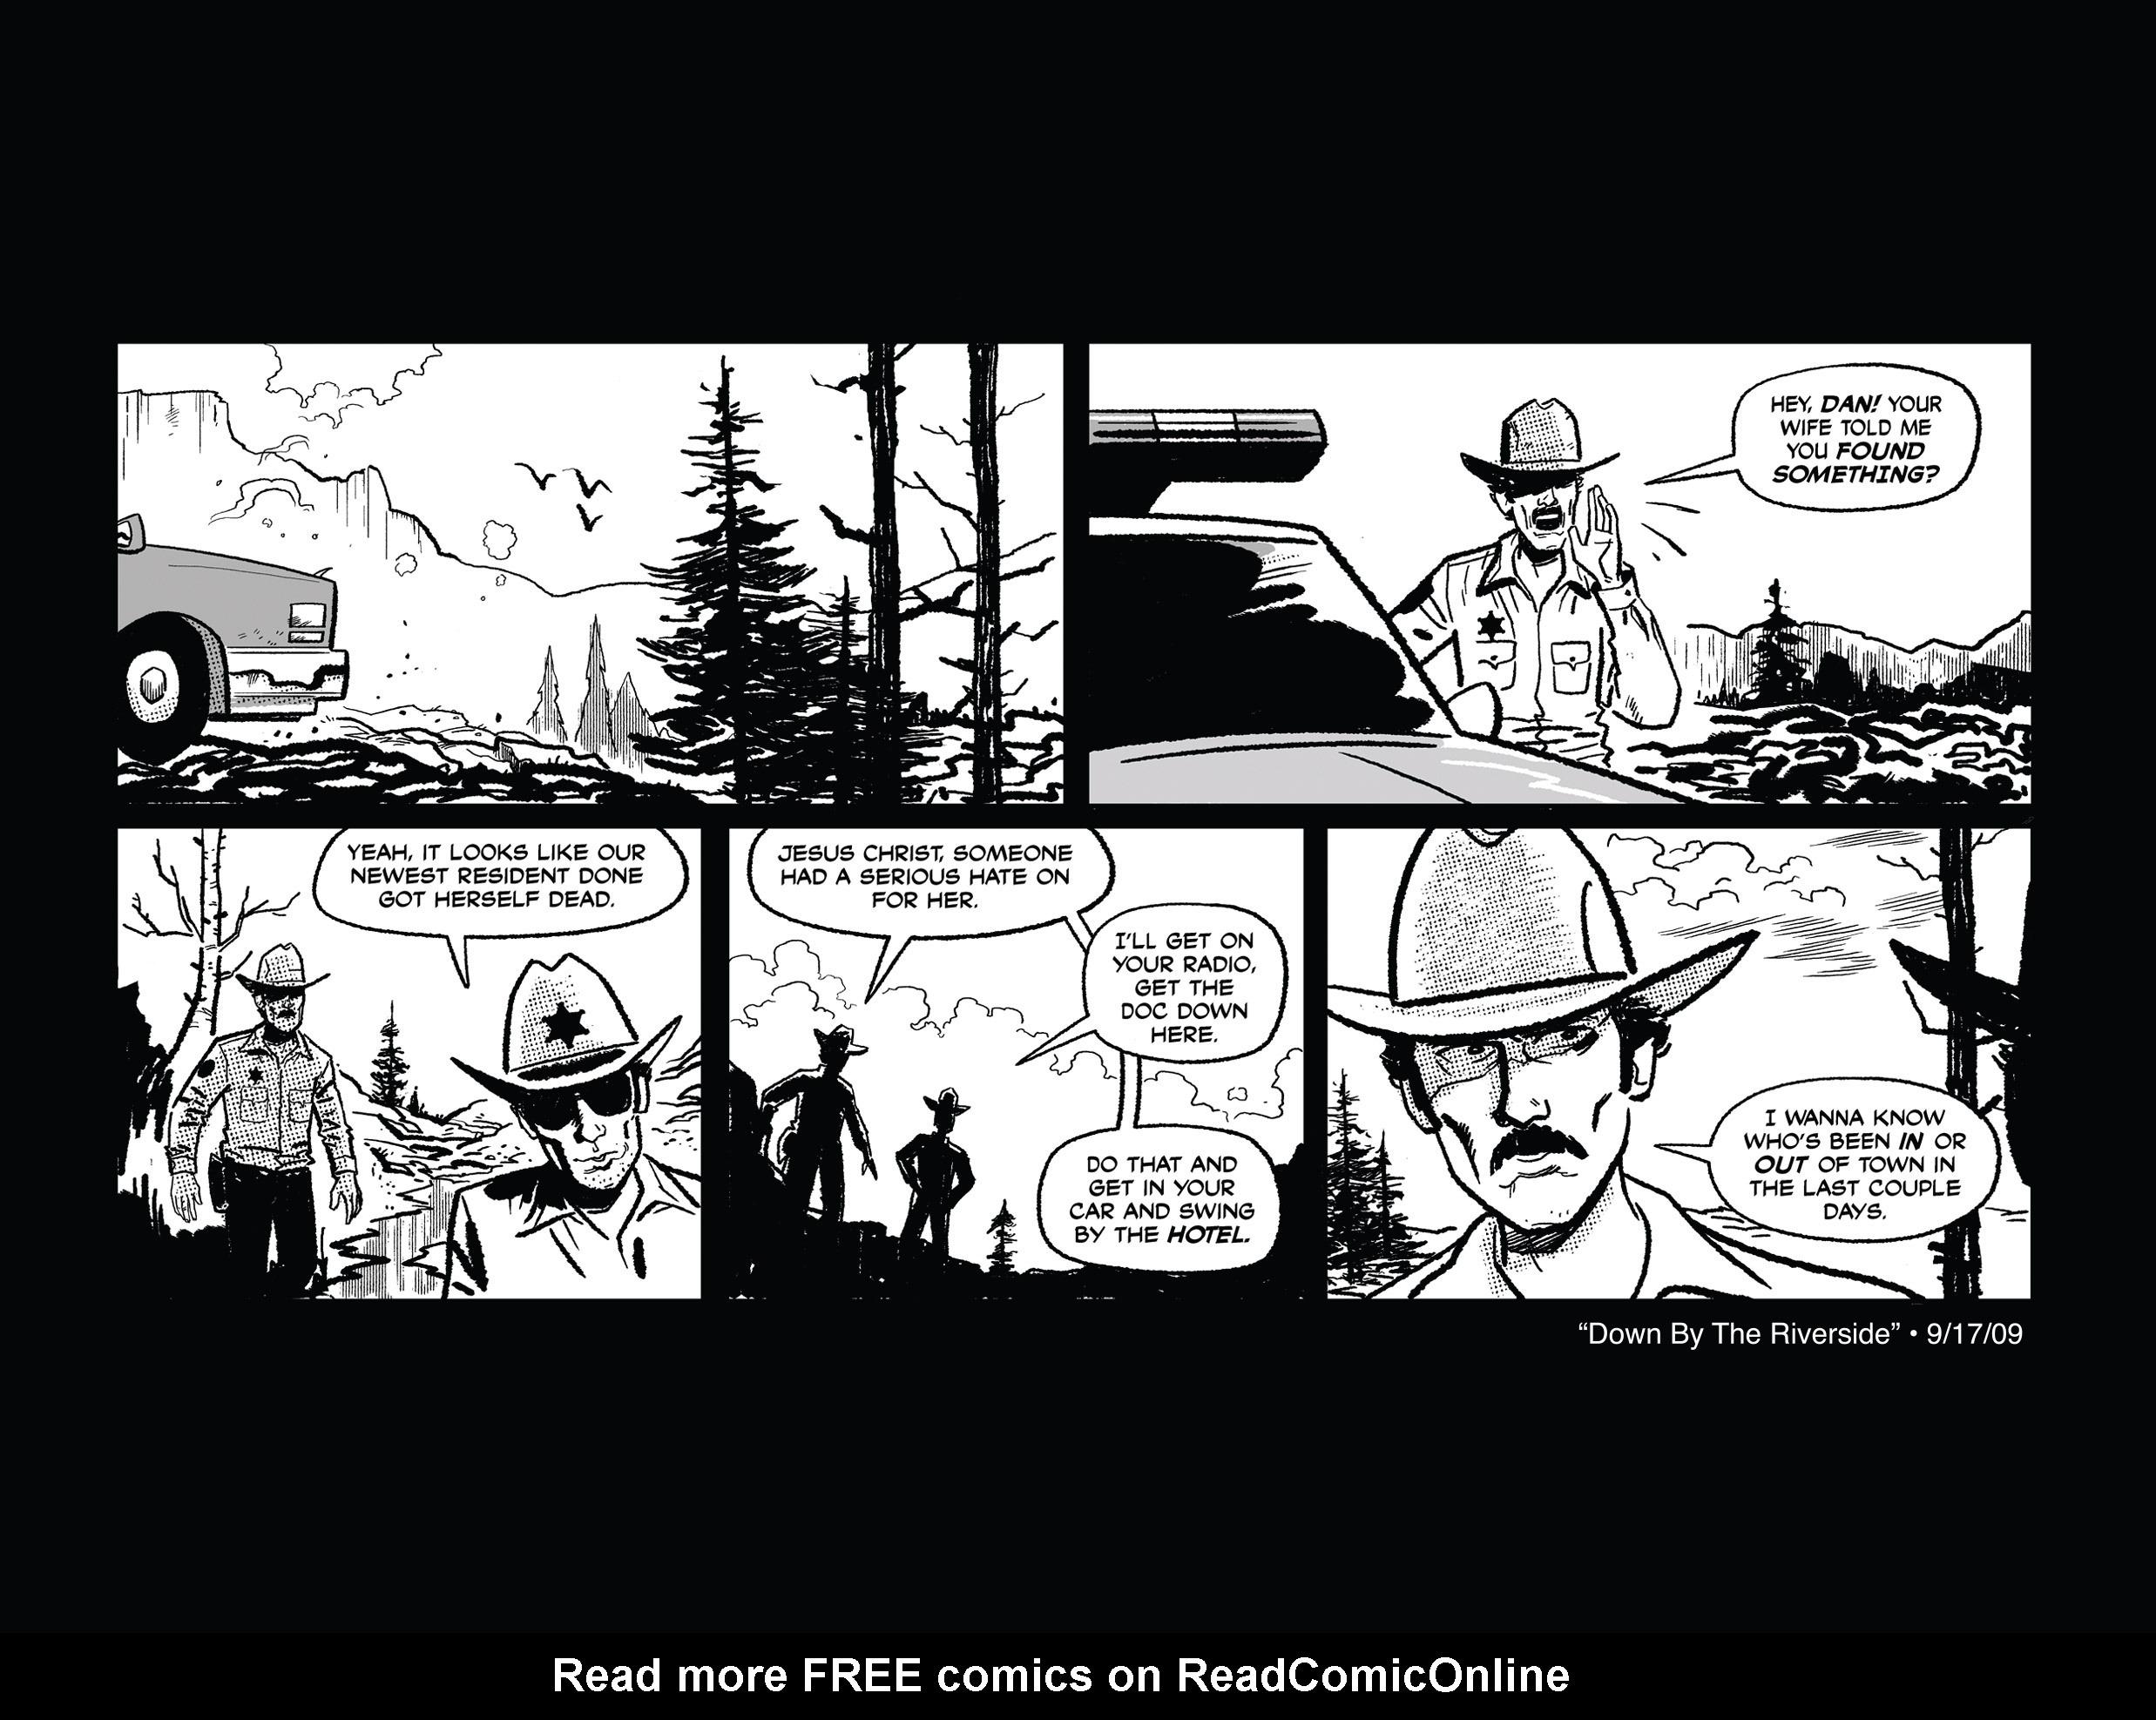 Read online She Died In Terrebonne comic -  Issue #1 - 9